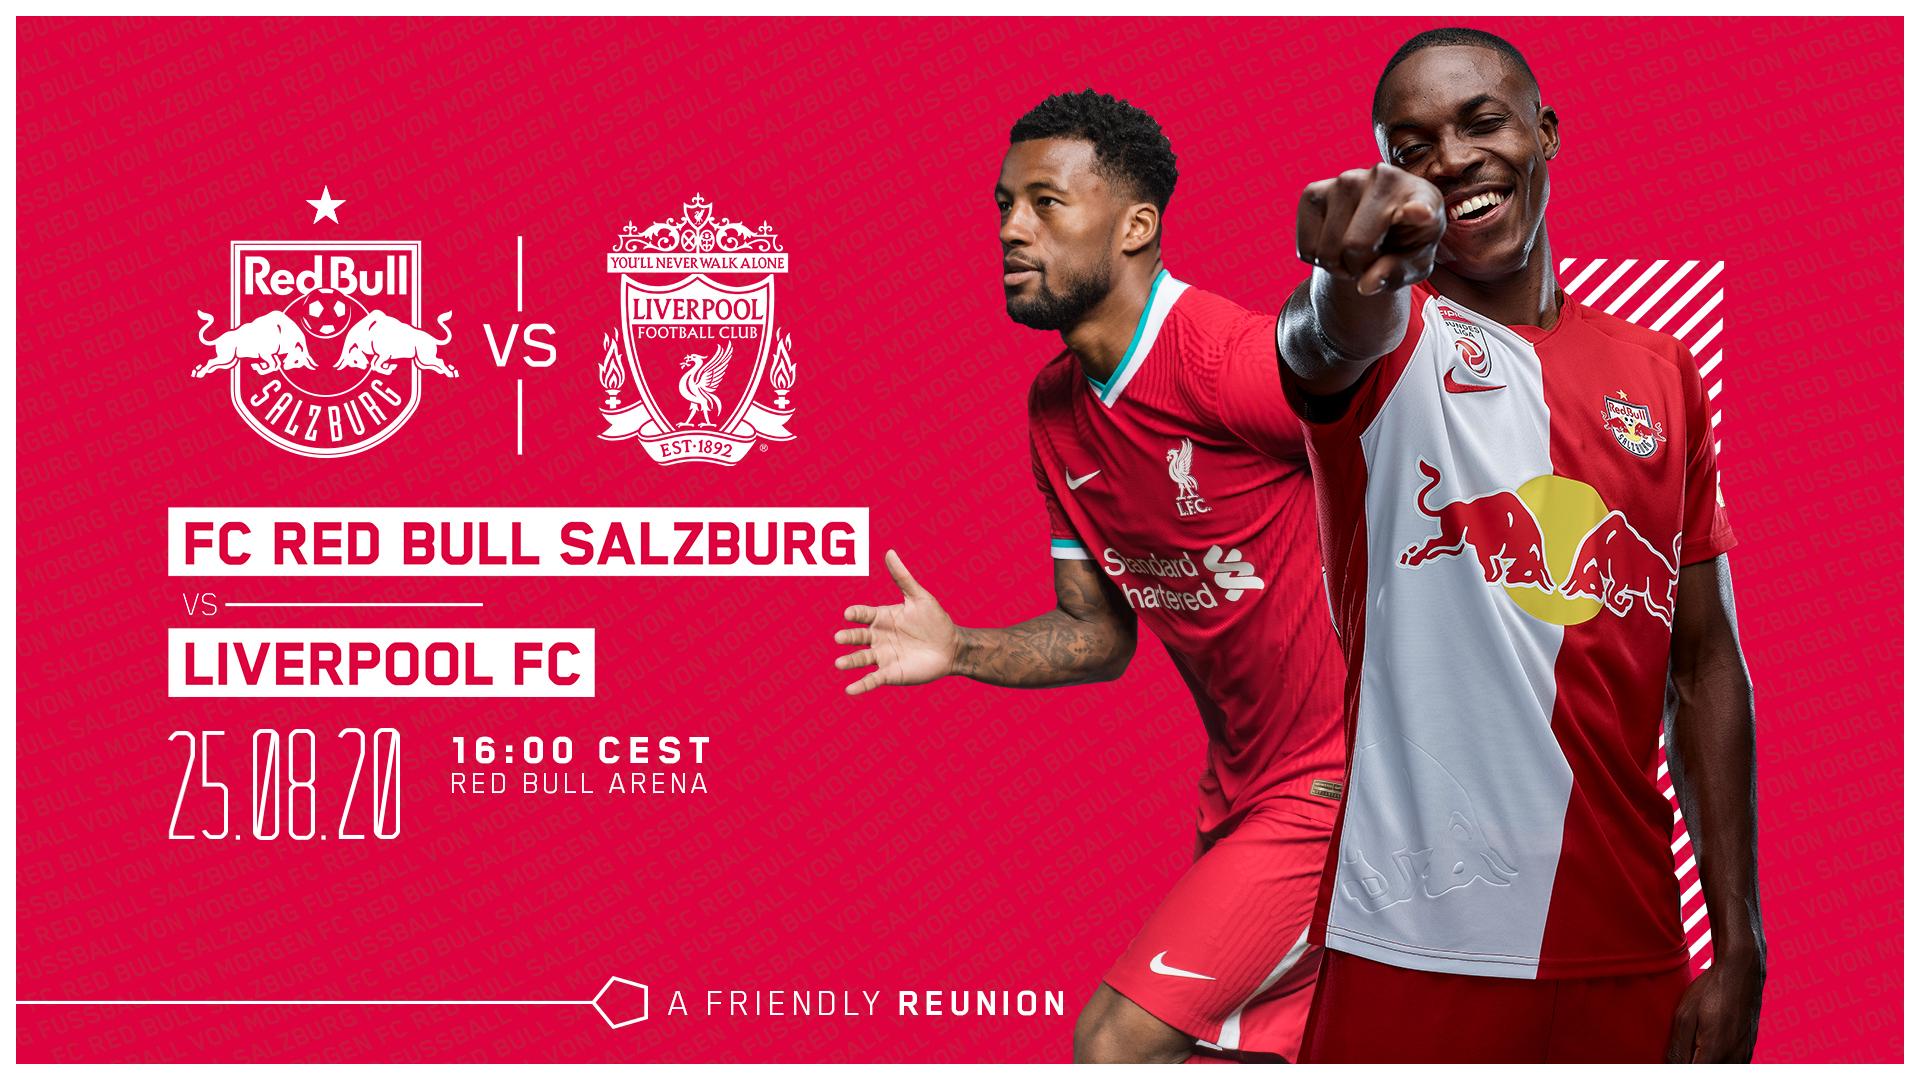 萨尔茨堡红牛官方:将于8月25日与利物浦进行友谊赛